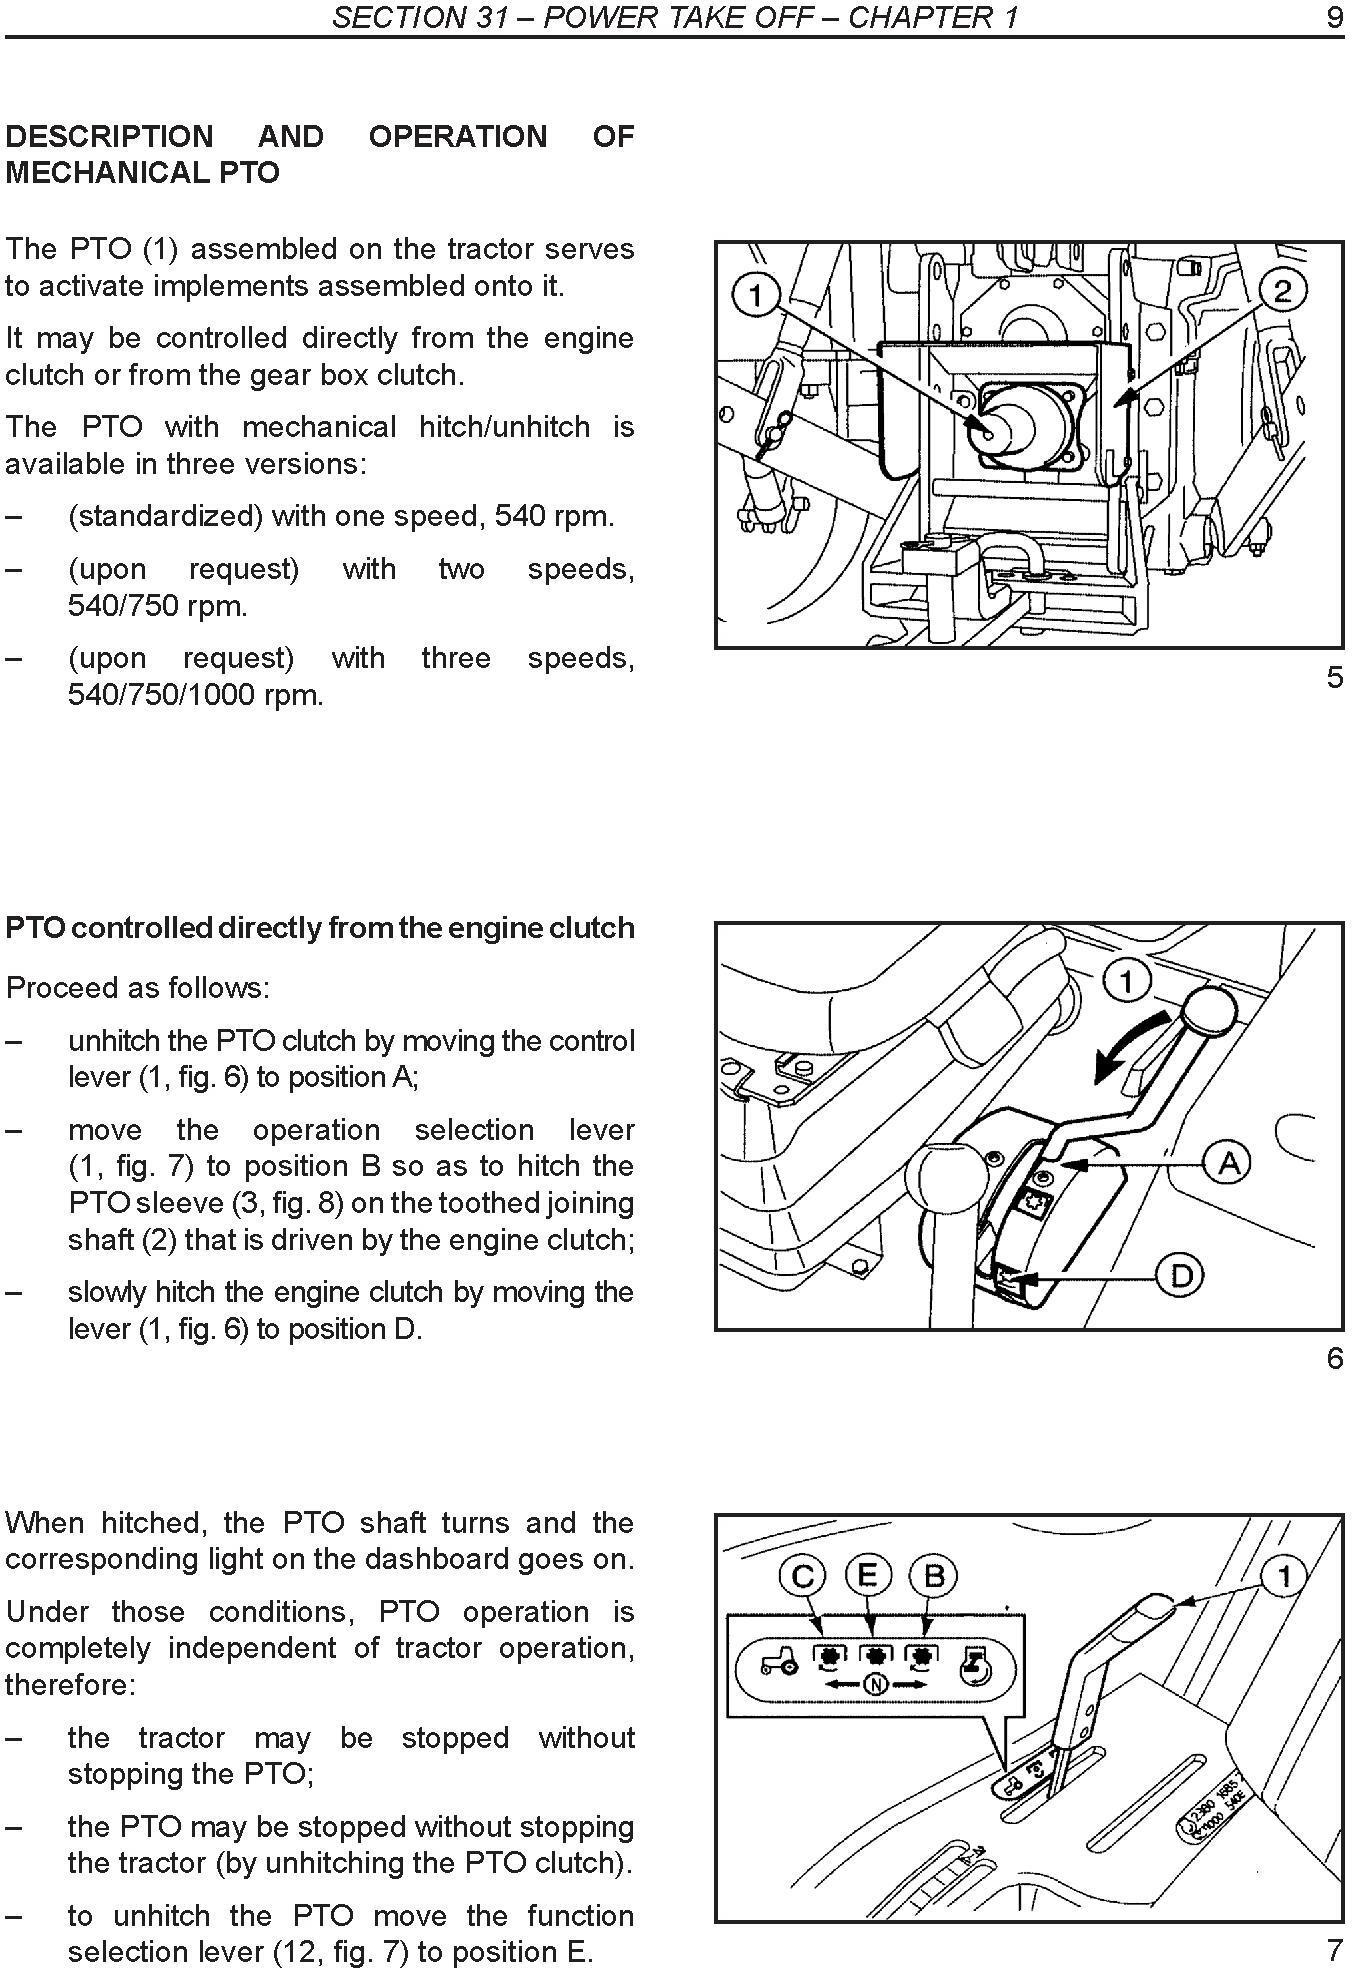 New Holland TL60E, TL75E, TL85E, TL95E MY2013 Tractor Service Manual - 3